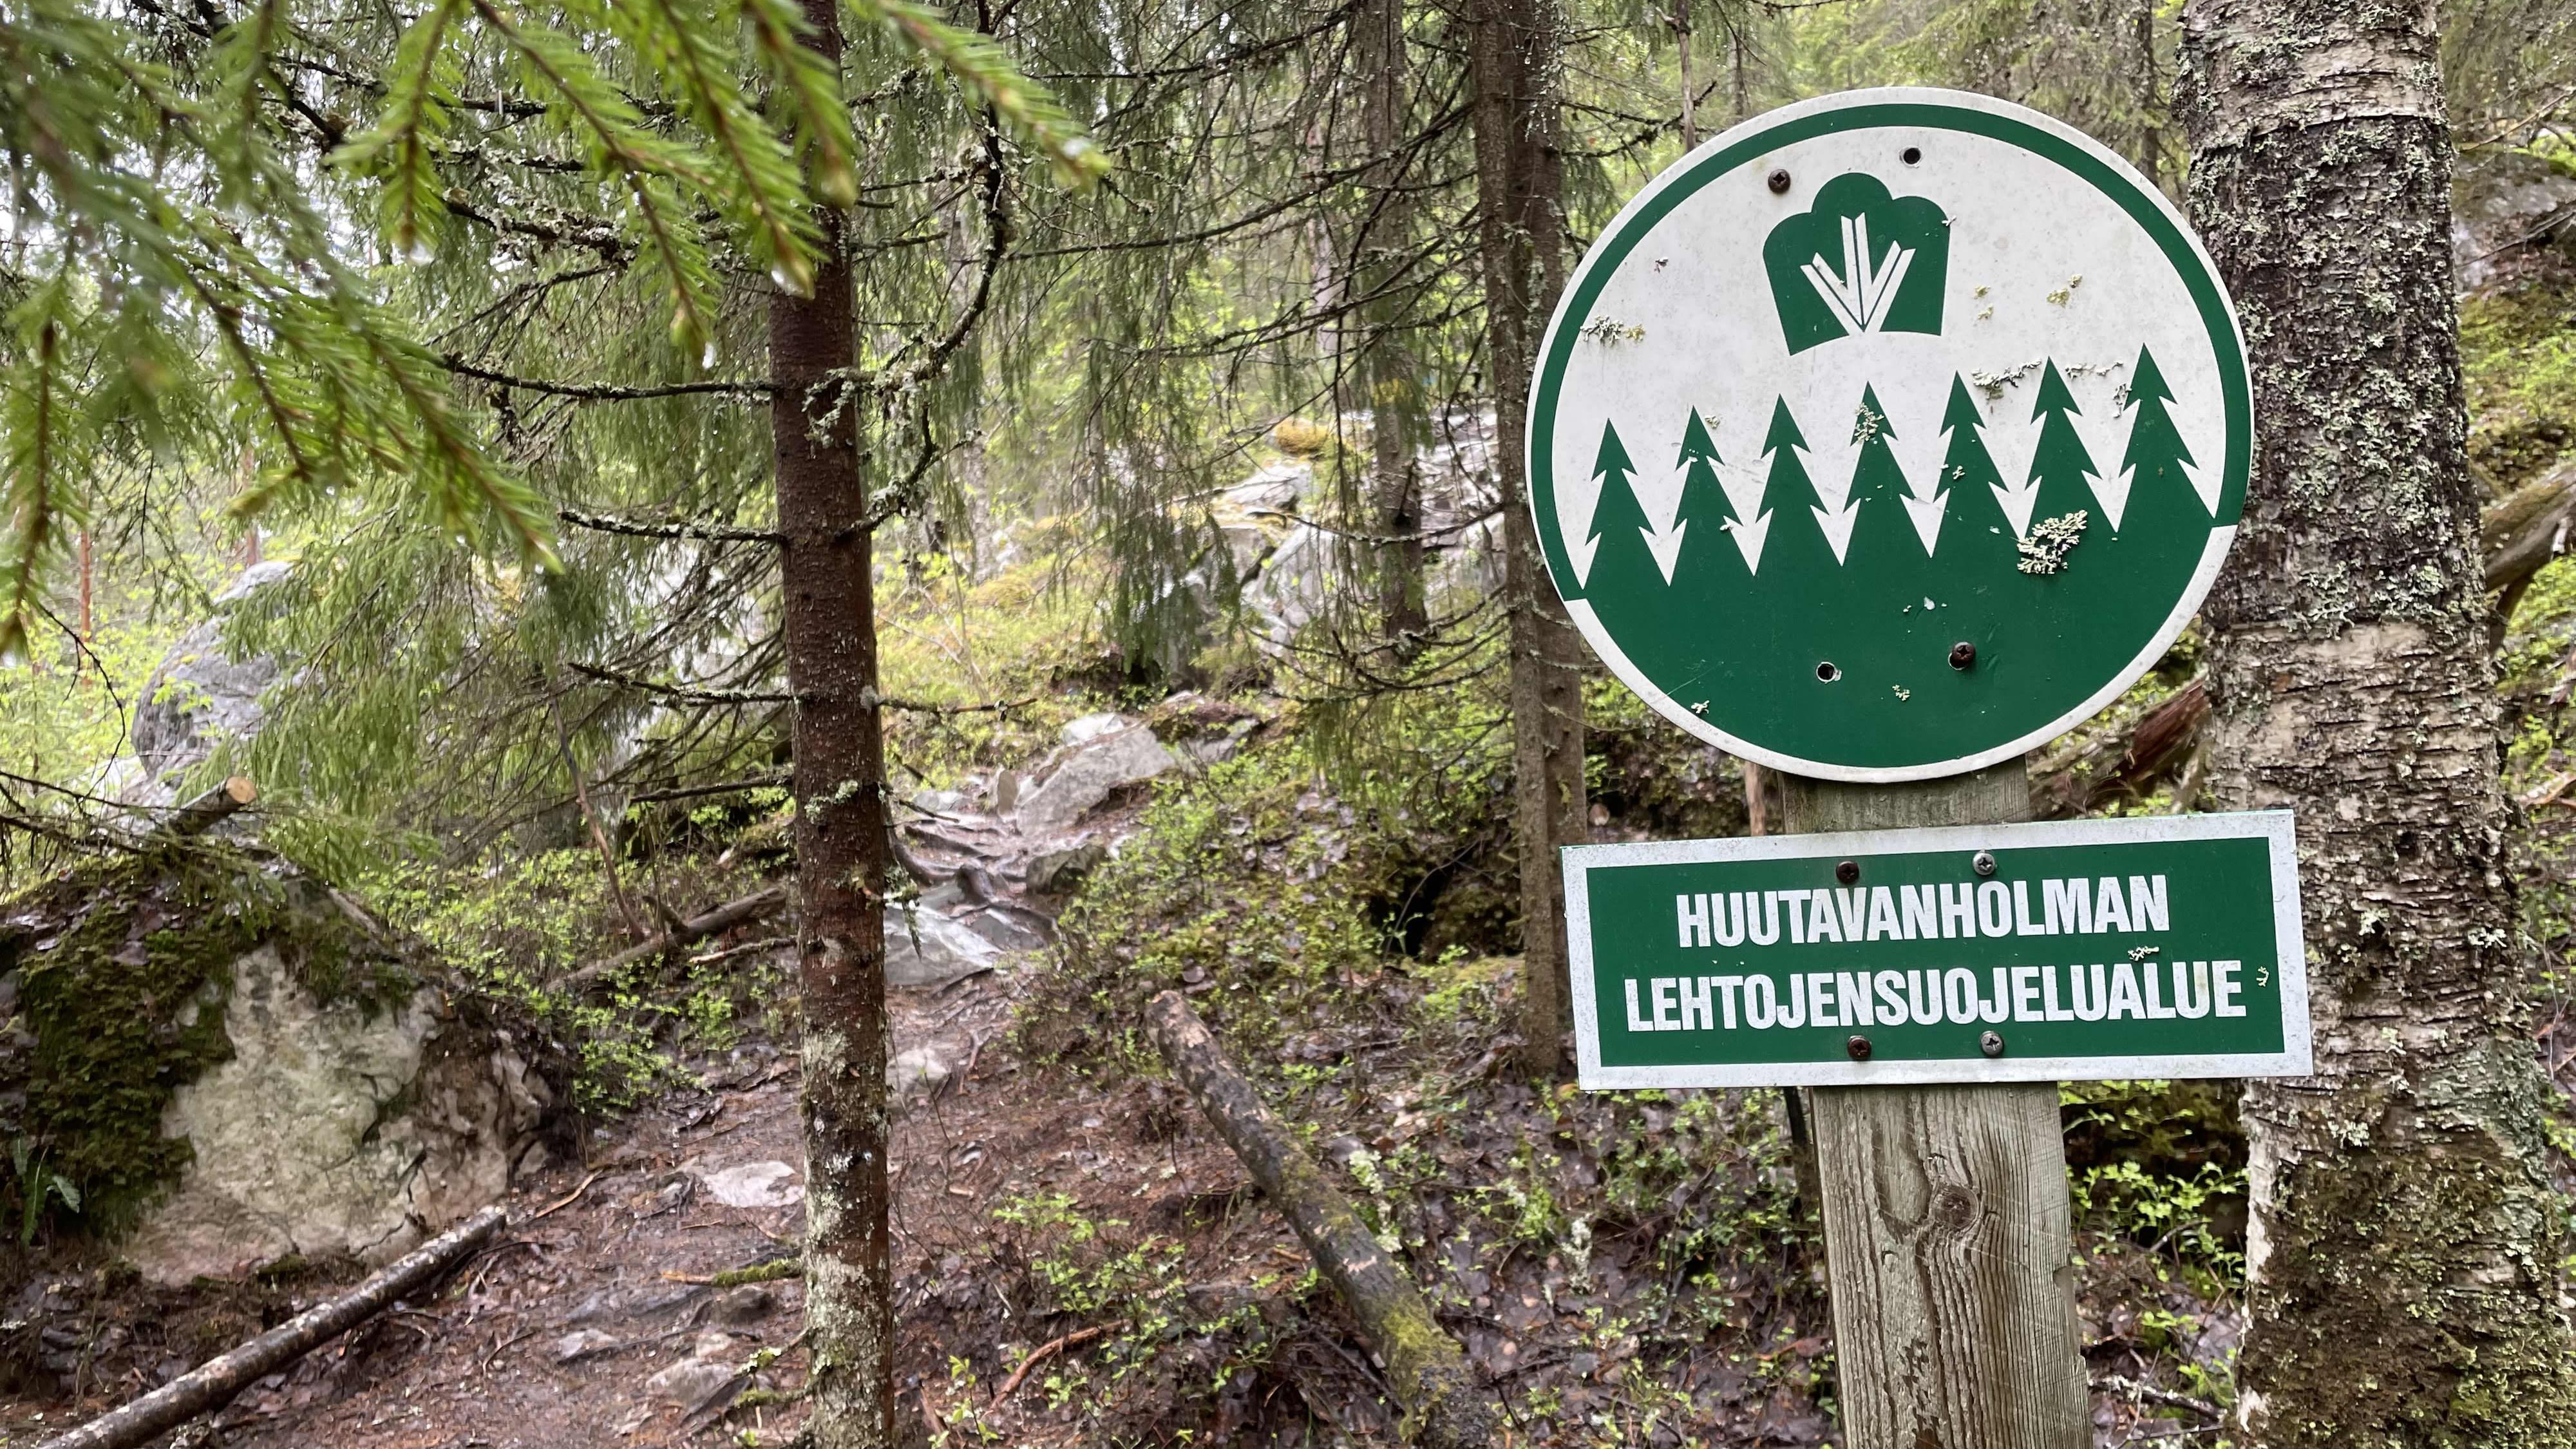 Lehtojensuojelualueesta kertova kyltti metsässä